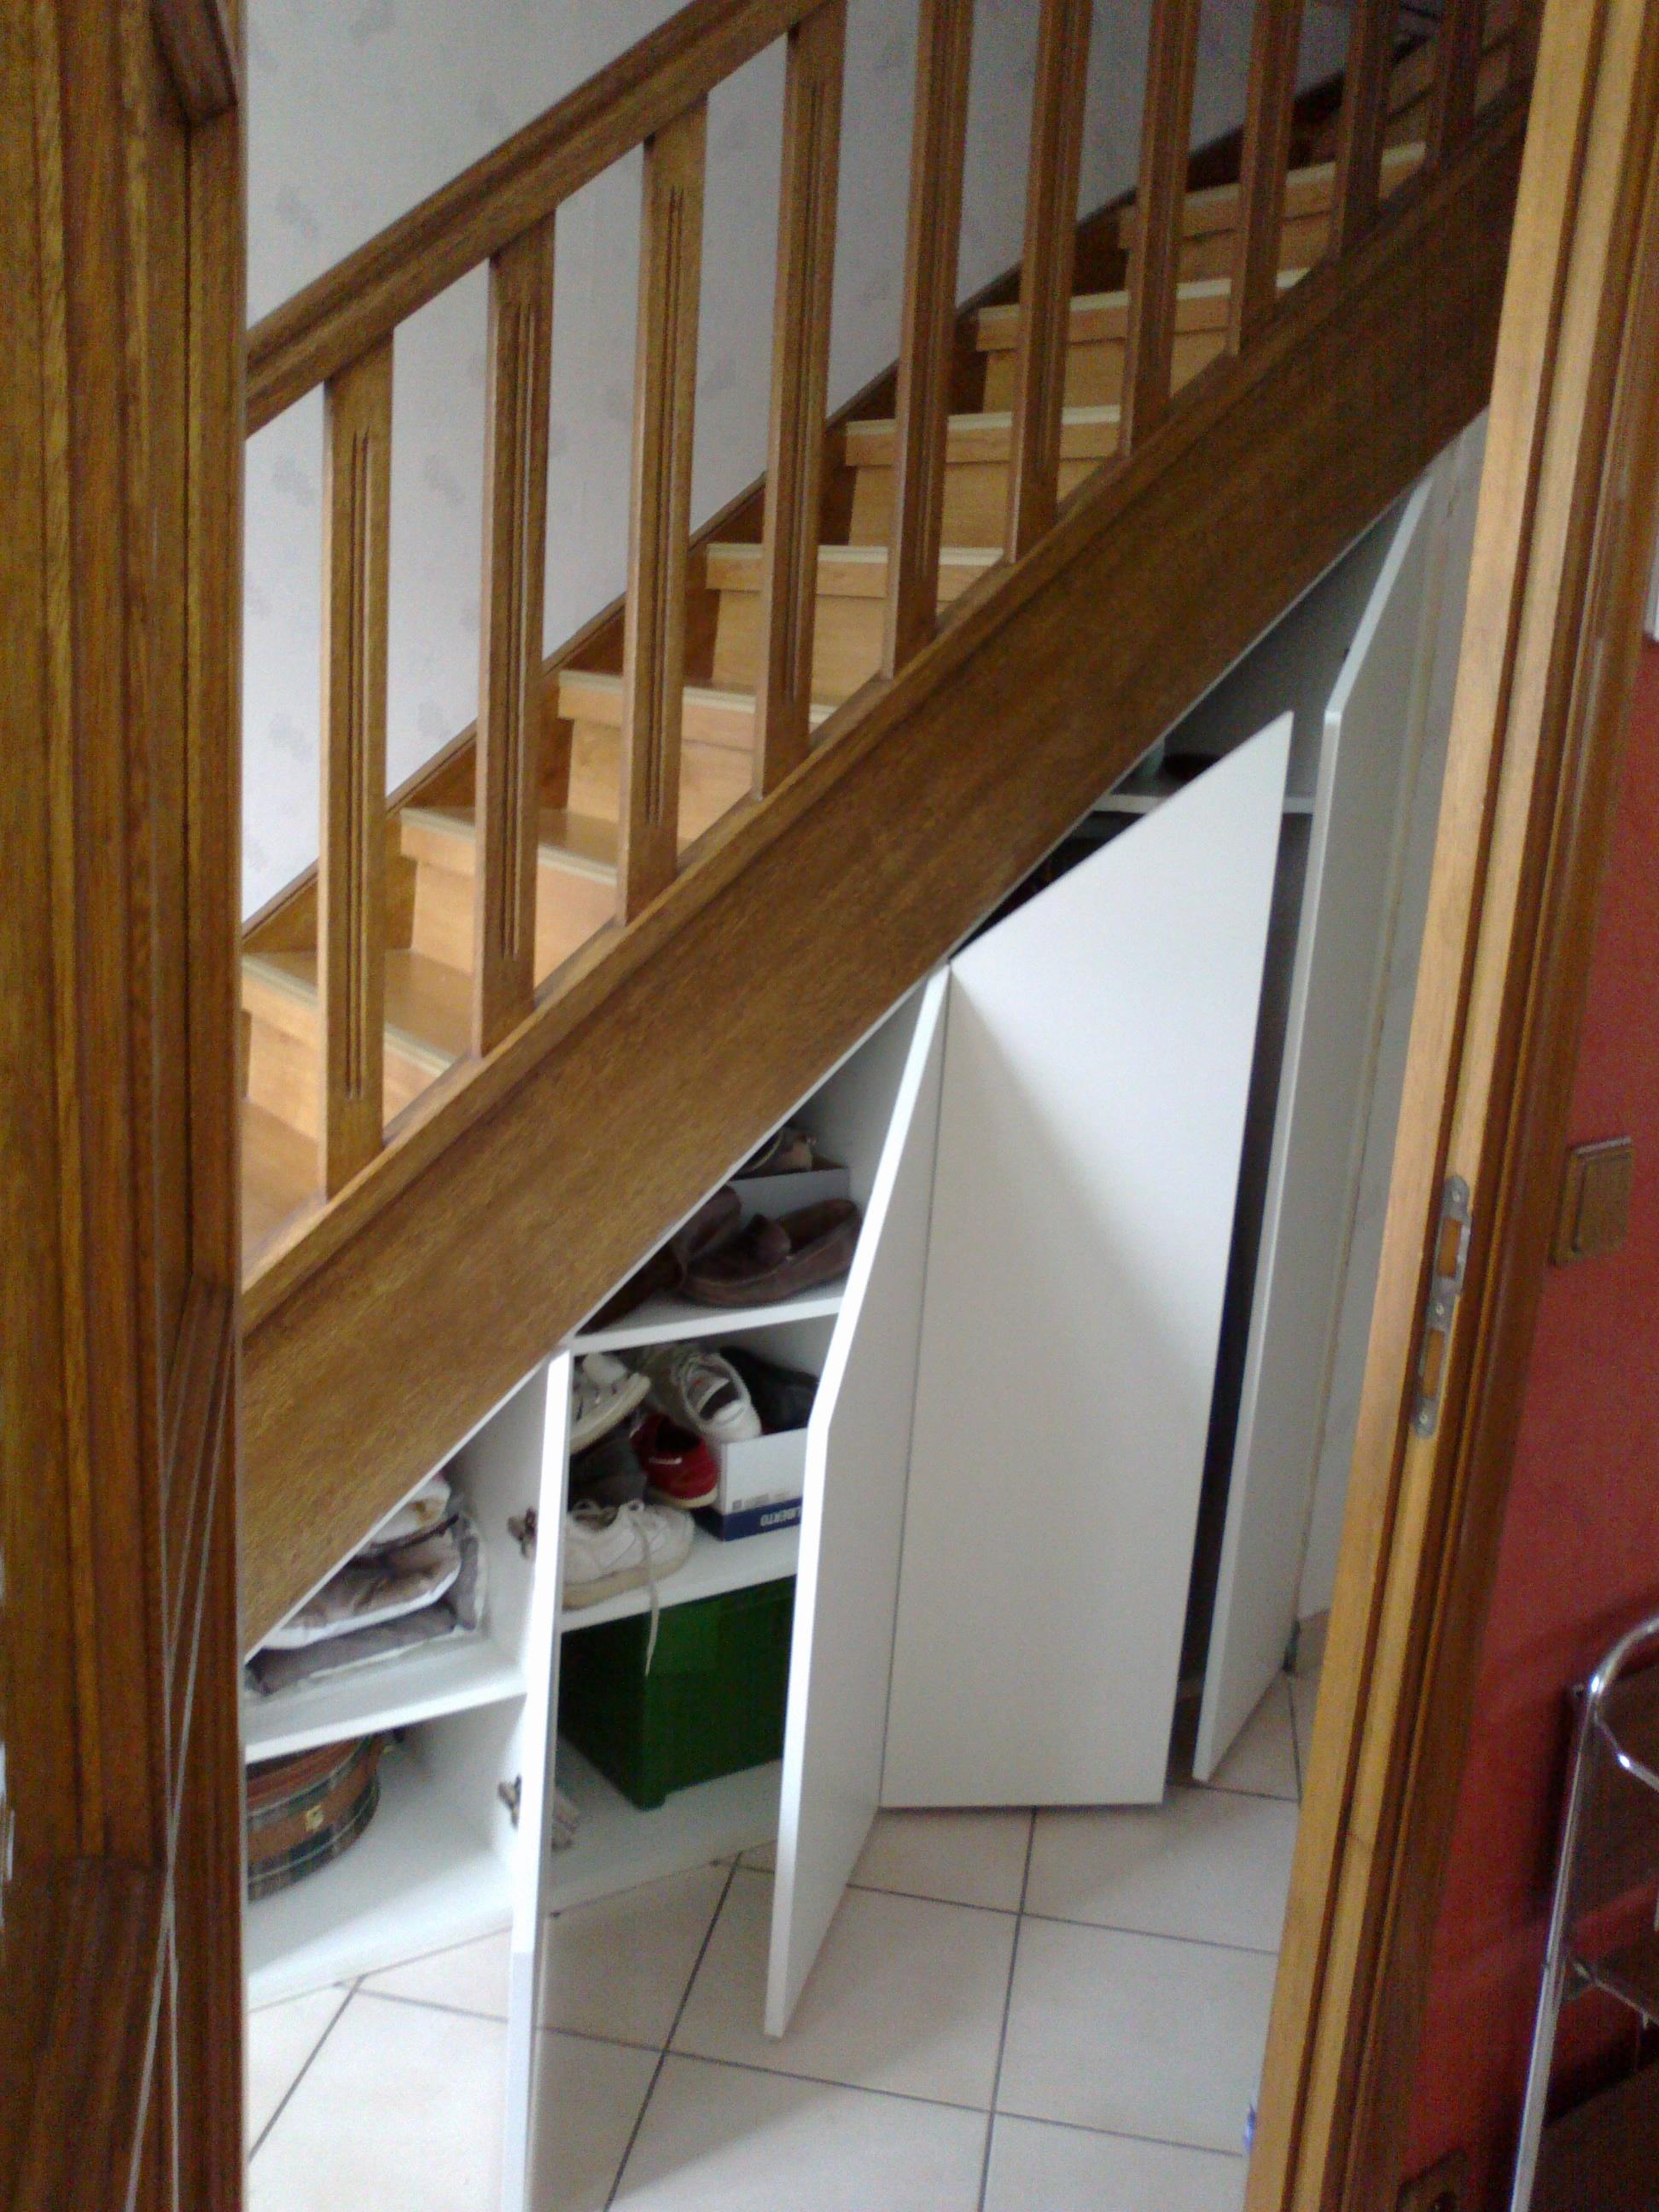 gagner de l 39 espace de rangement par un agencement sous escalier. Black Bedroom Furniture Sets. Home Design Ideas